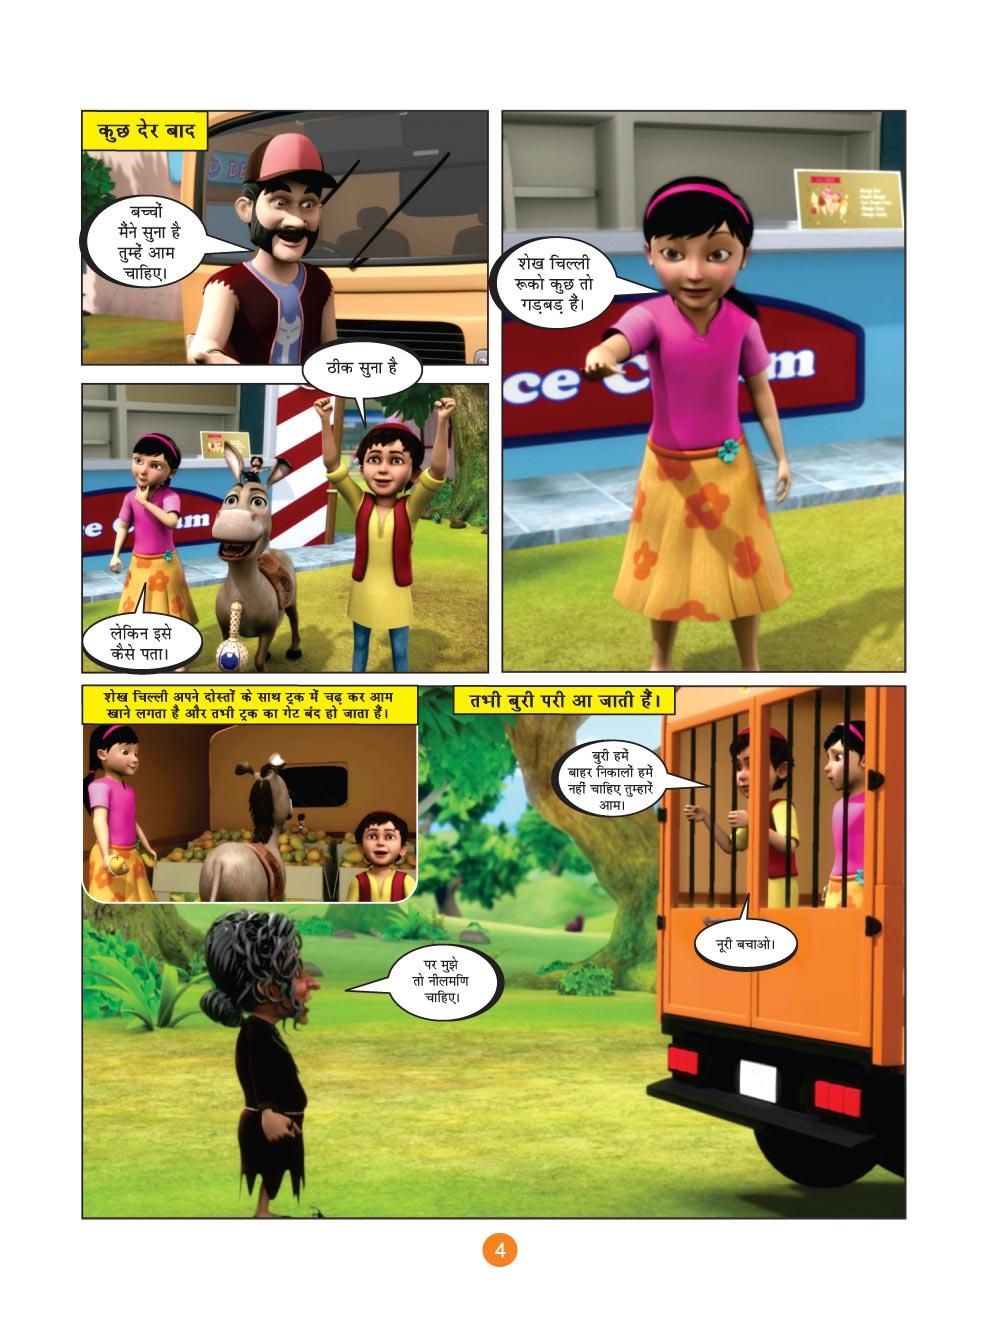 शेख चिल्ली की कॉमिक्स- आइसक्रीम का झमेला (Sheikh Chilli Comic Hindi) :